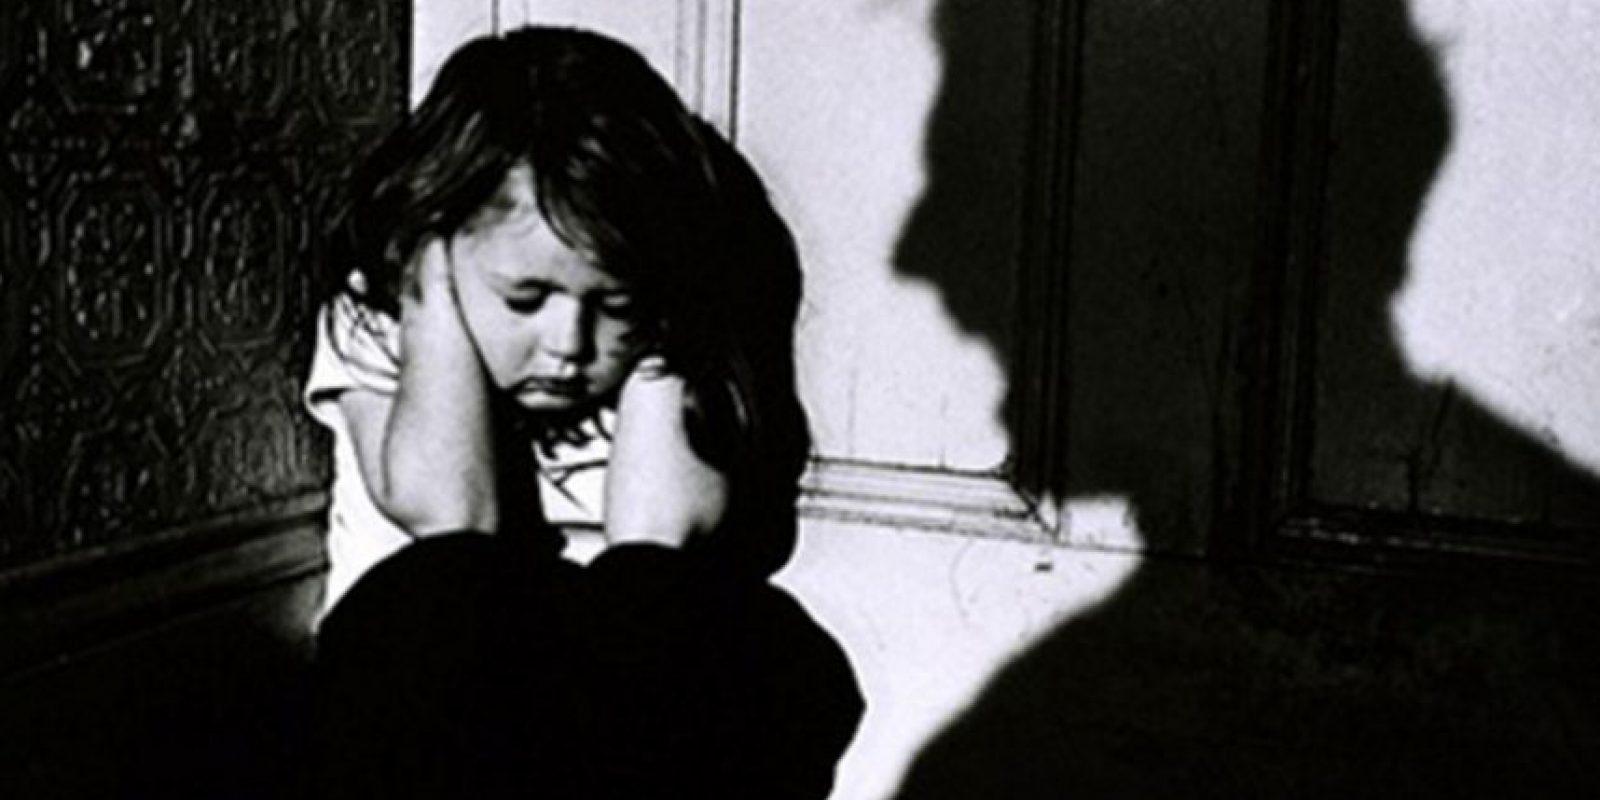 El infanticidio proviene de entornos sociales vulnerables Foto:Getty Images